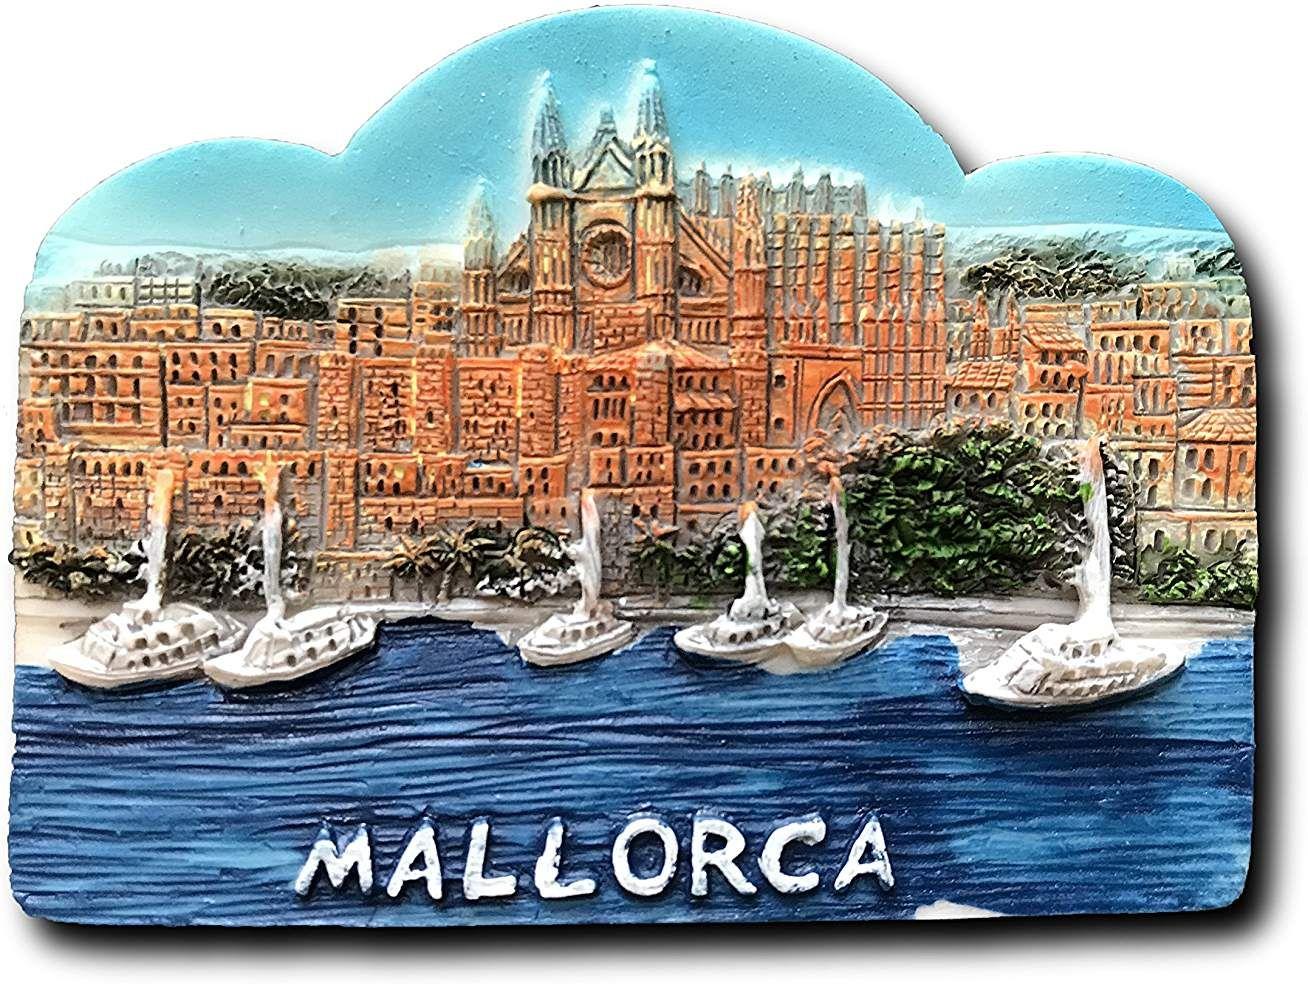 Barcelone Aimant de r/éfrig/érateur MUYU Magnet 3D Barcelone Espagne Lettres de Voyage Aimant de r/éfrig/érateur Autocollant Souvenir Home /& D/écoration de Cuisine